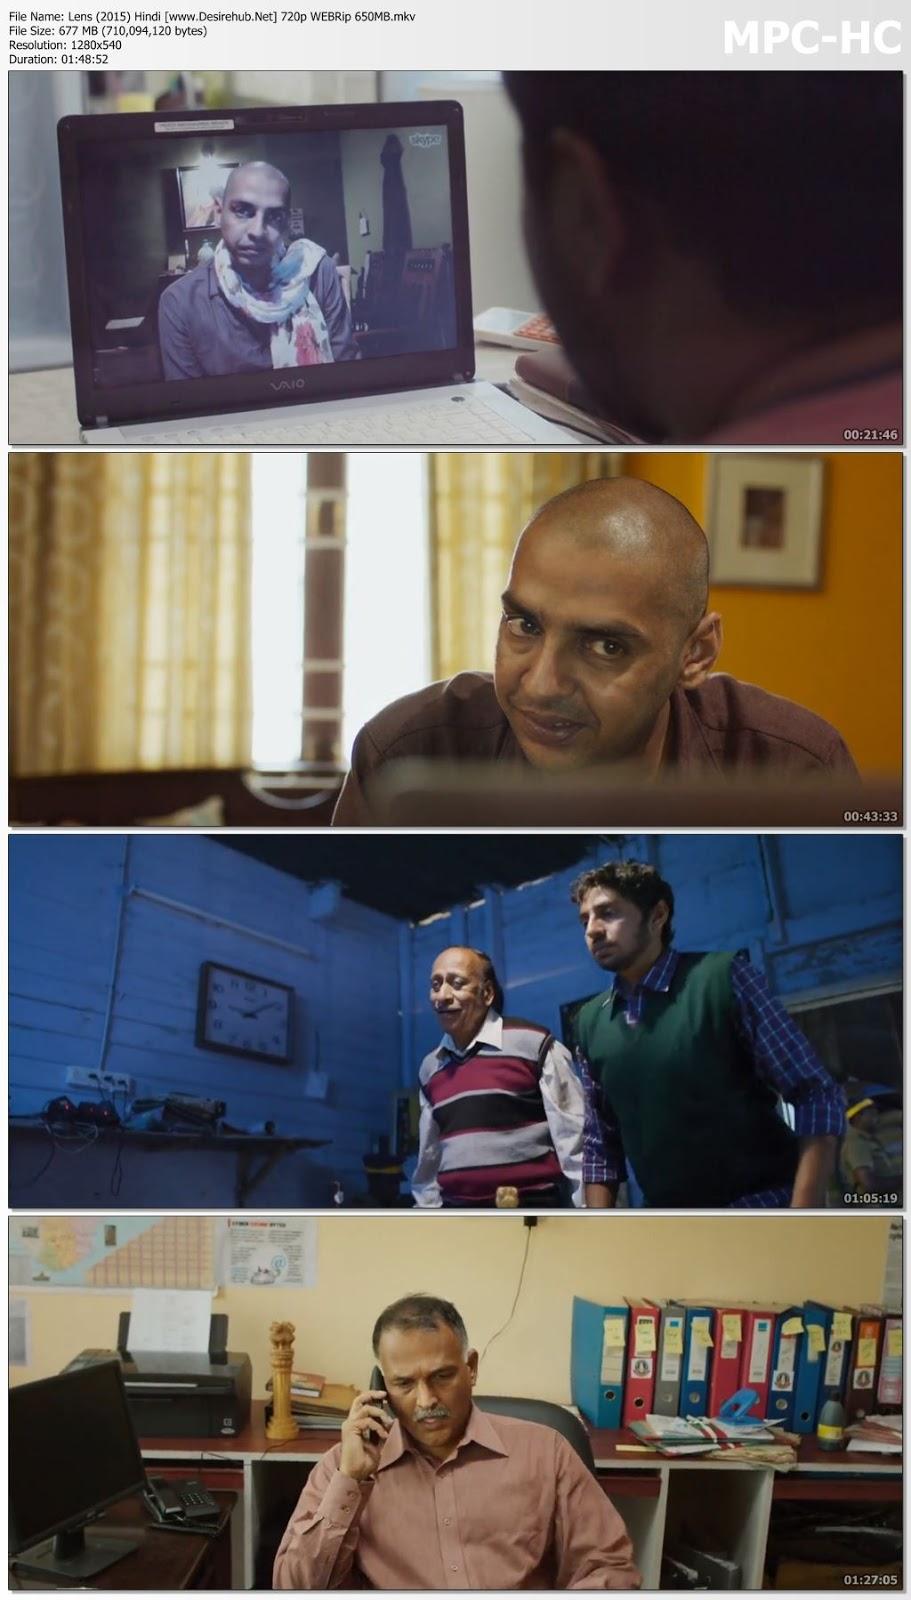 Lens 2016 Tamil 720p WEB-HD 650MB Desirehub